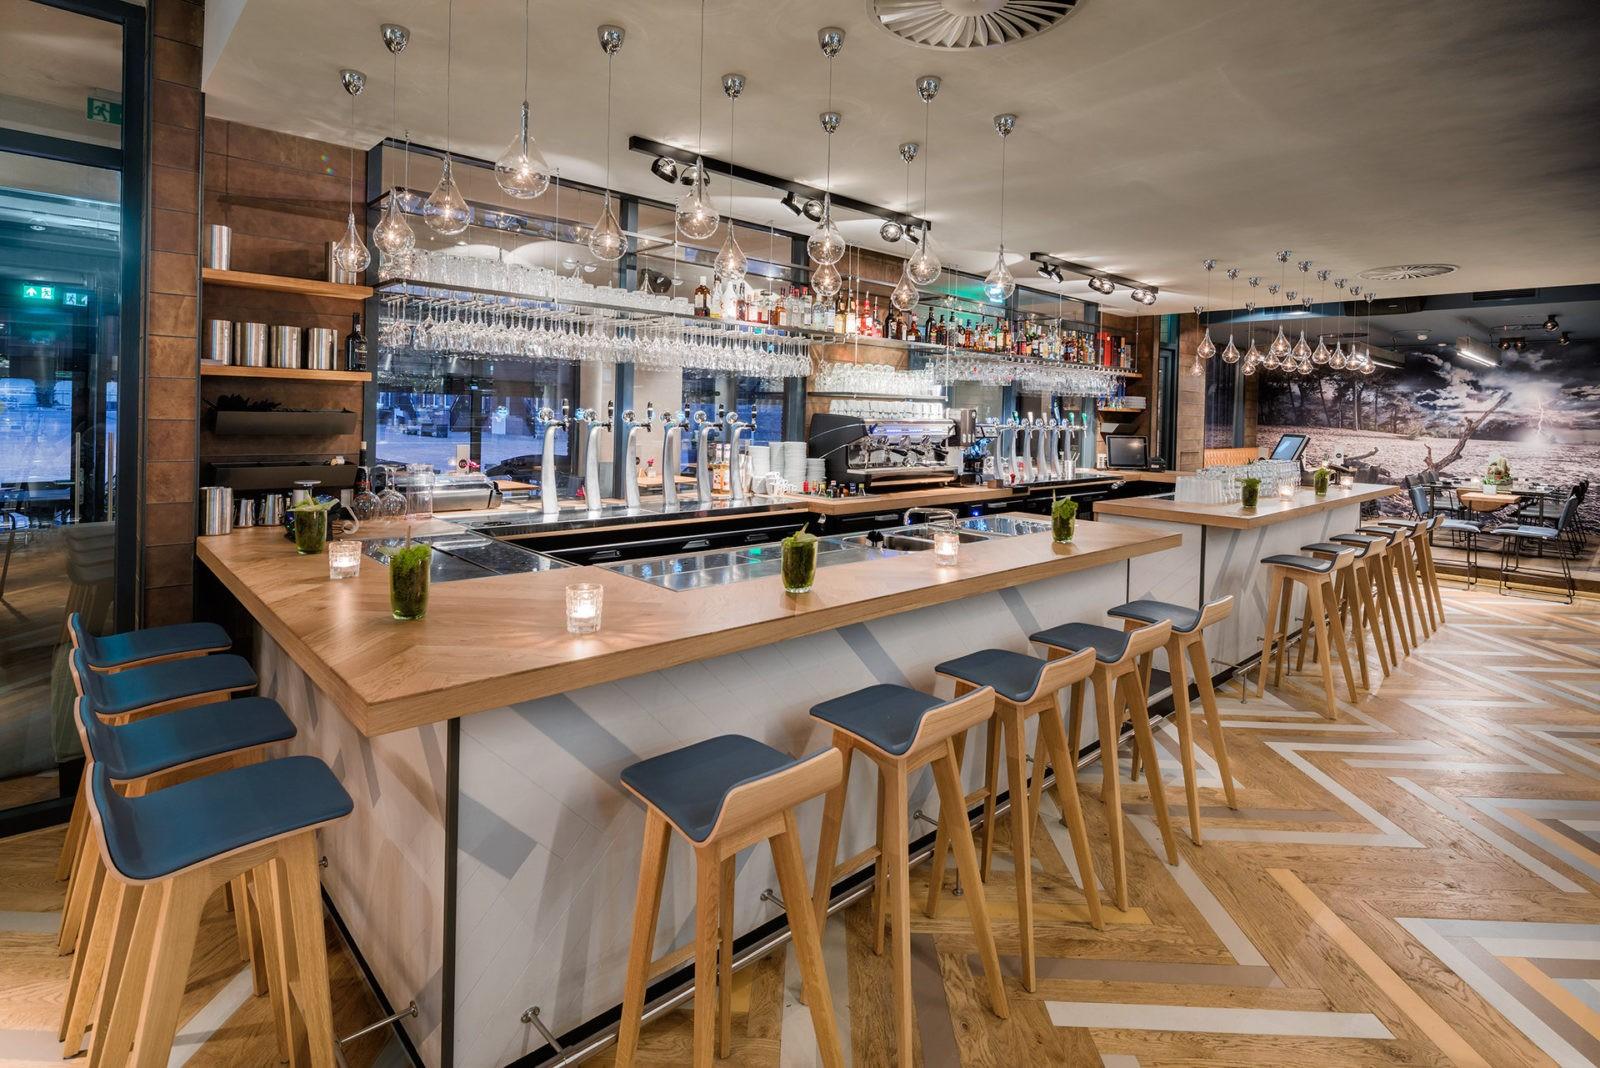 Grand Cafe Du Nord Kaatsheuvel bar